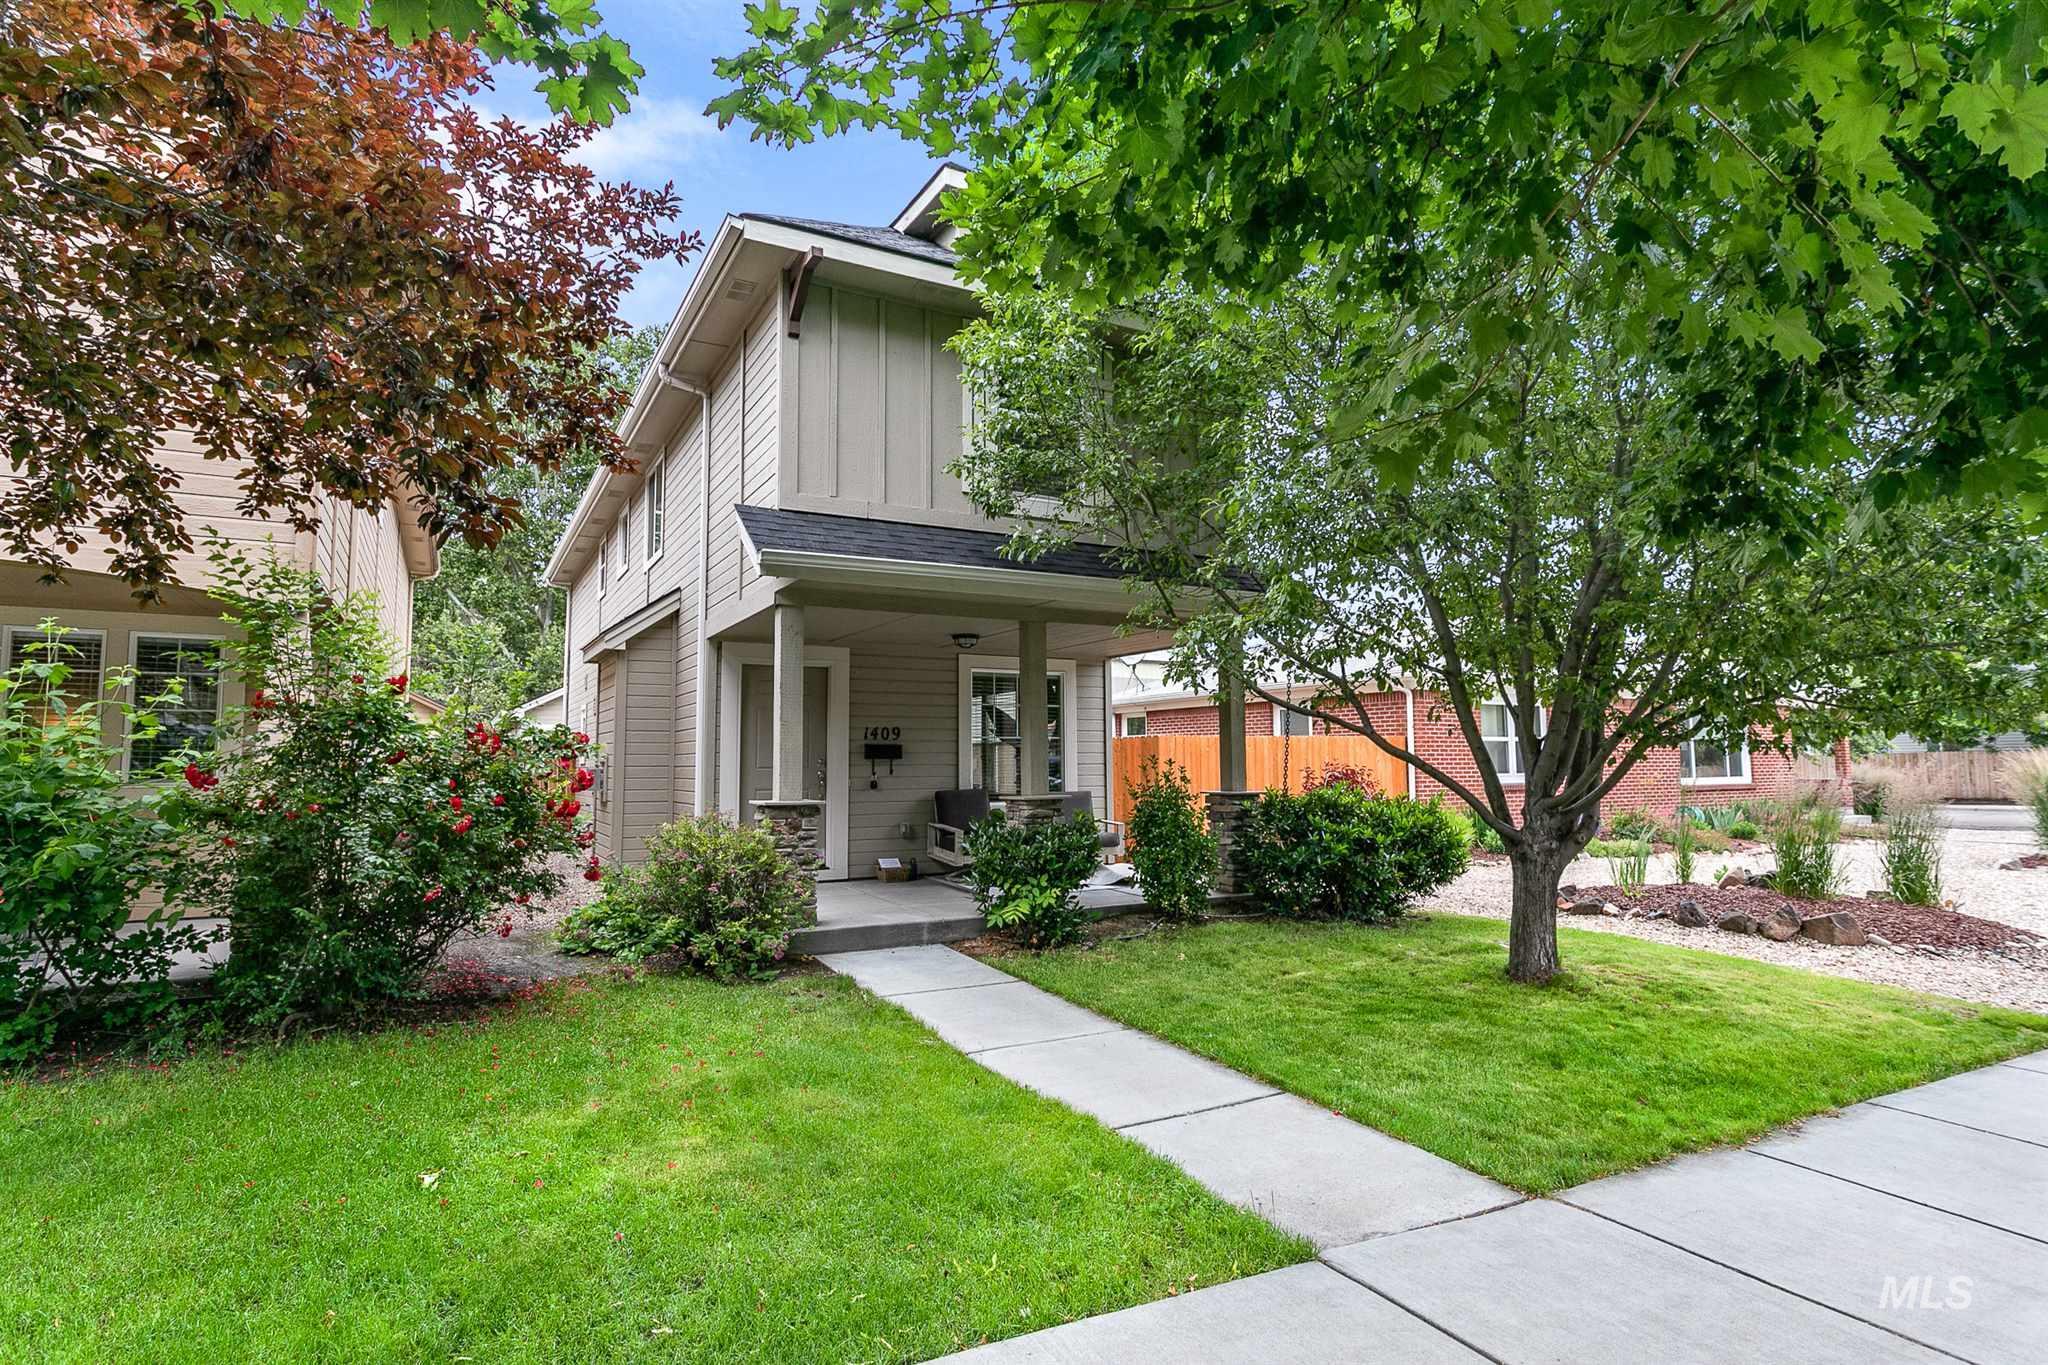 1409 S Denver Ave Property Photo